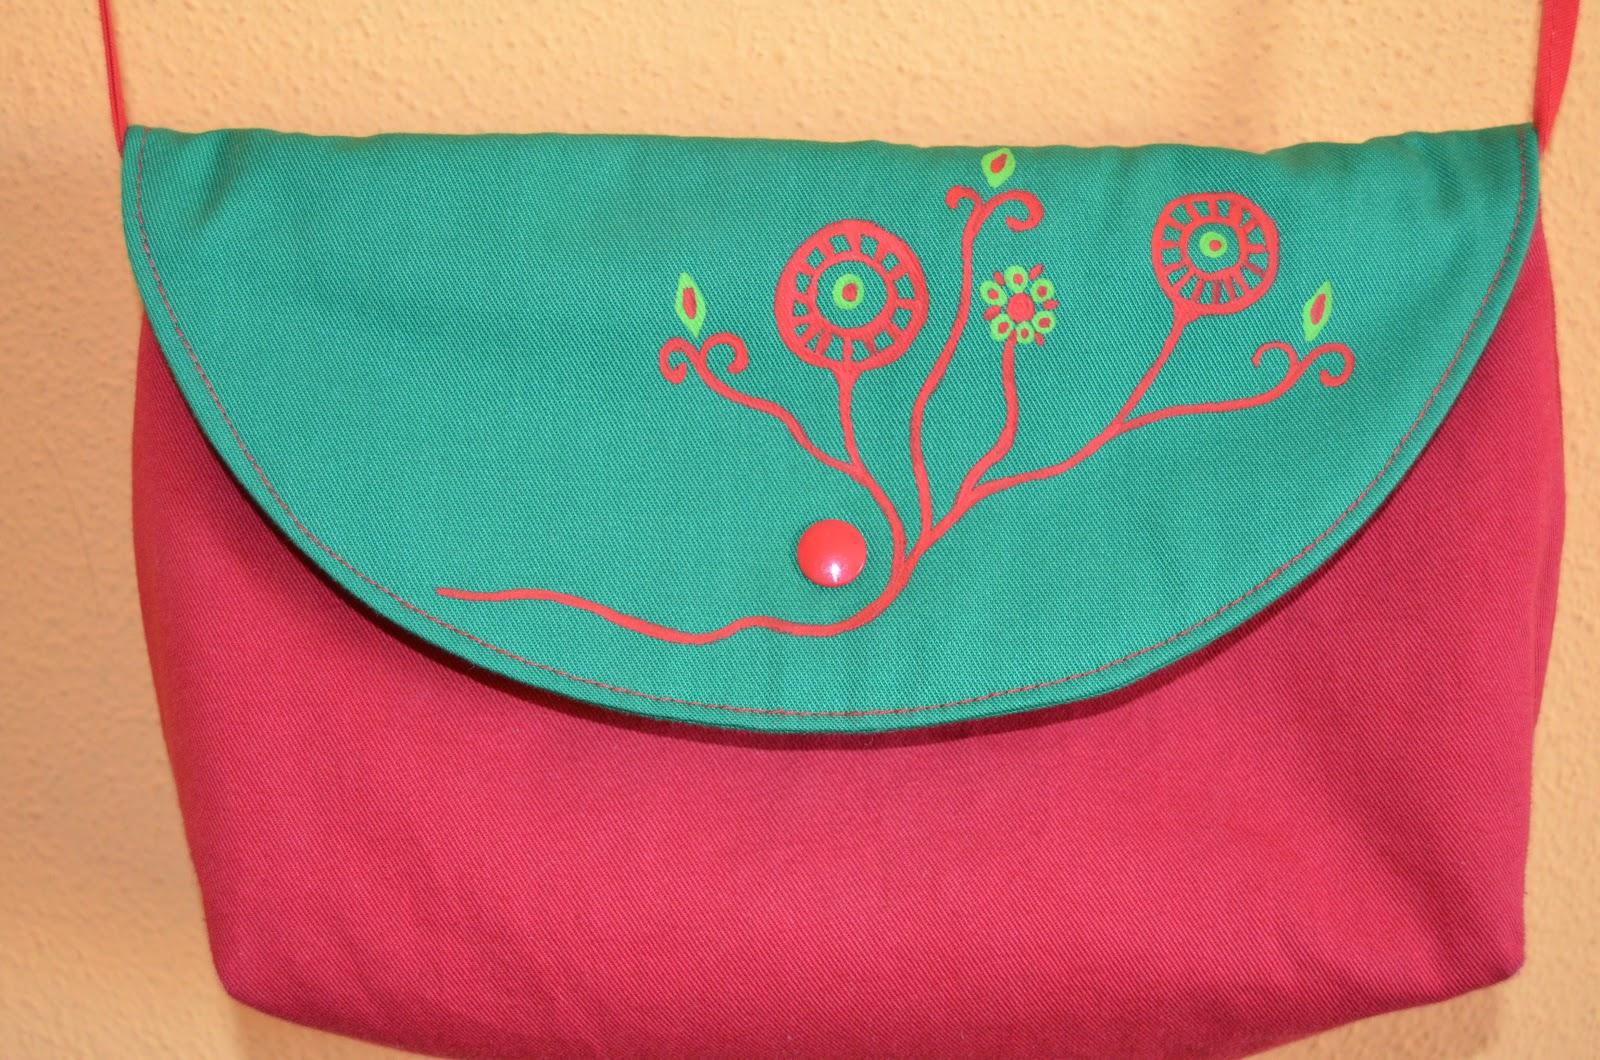 Bolsos pequeños de tela, hechos a mano.